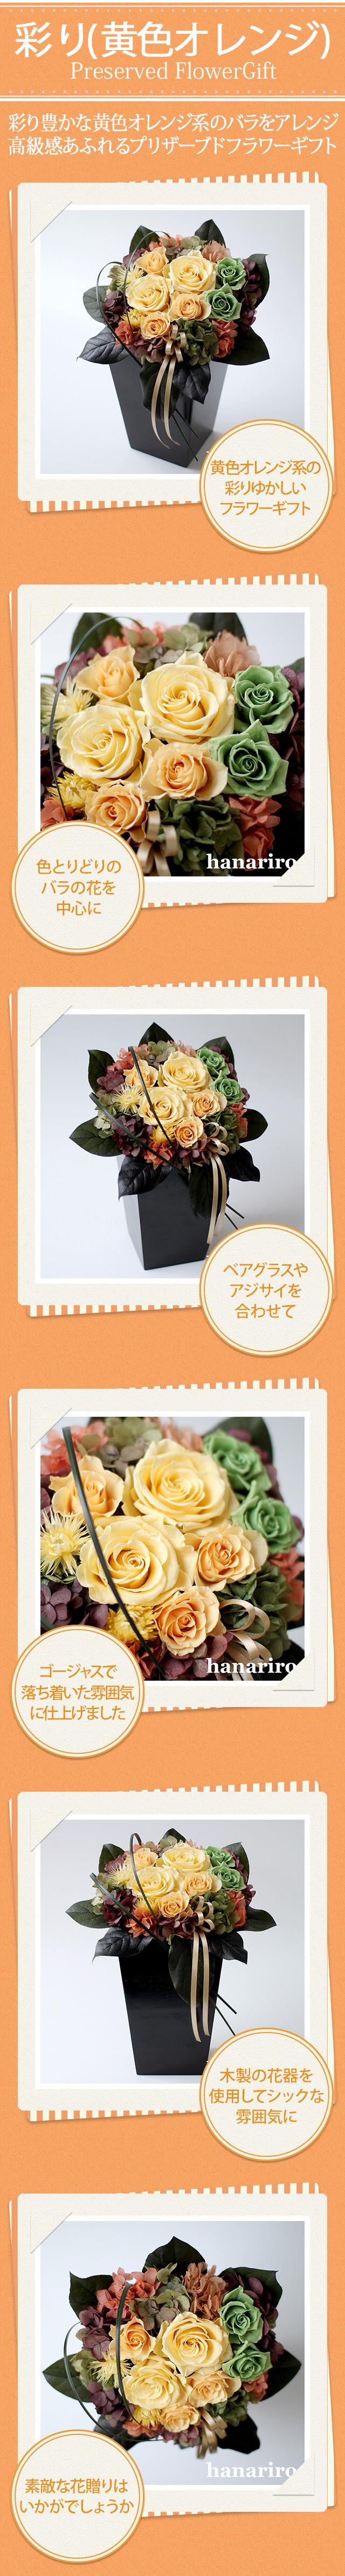 アレンジ「彩り(黄色オレンジ)」/プリザーブドフラワーギフト